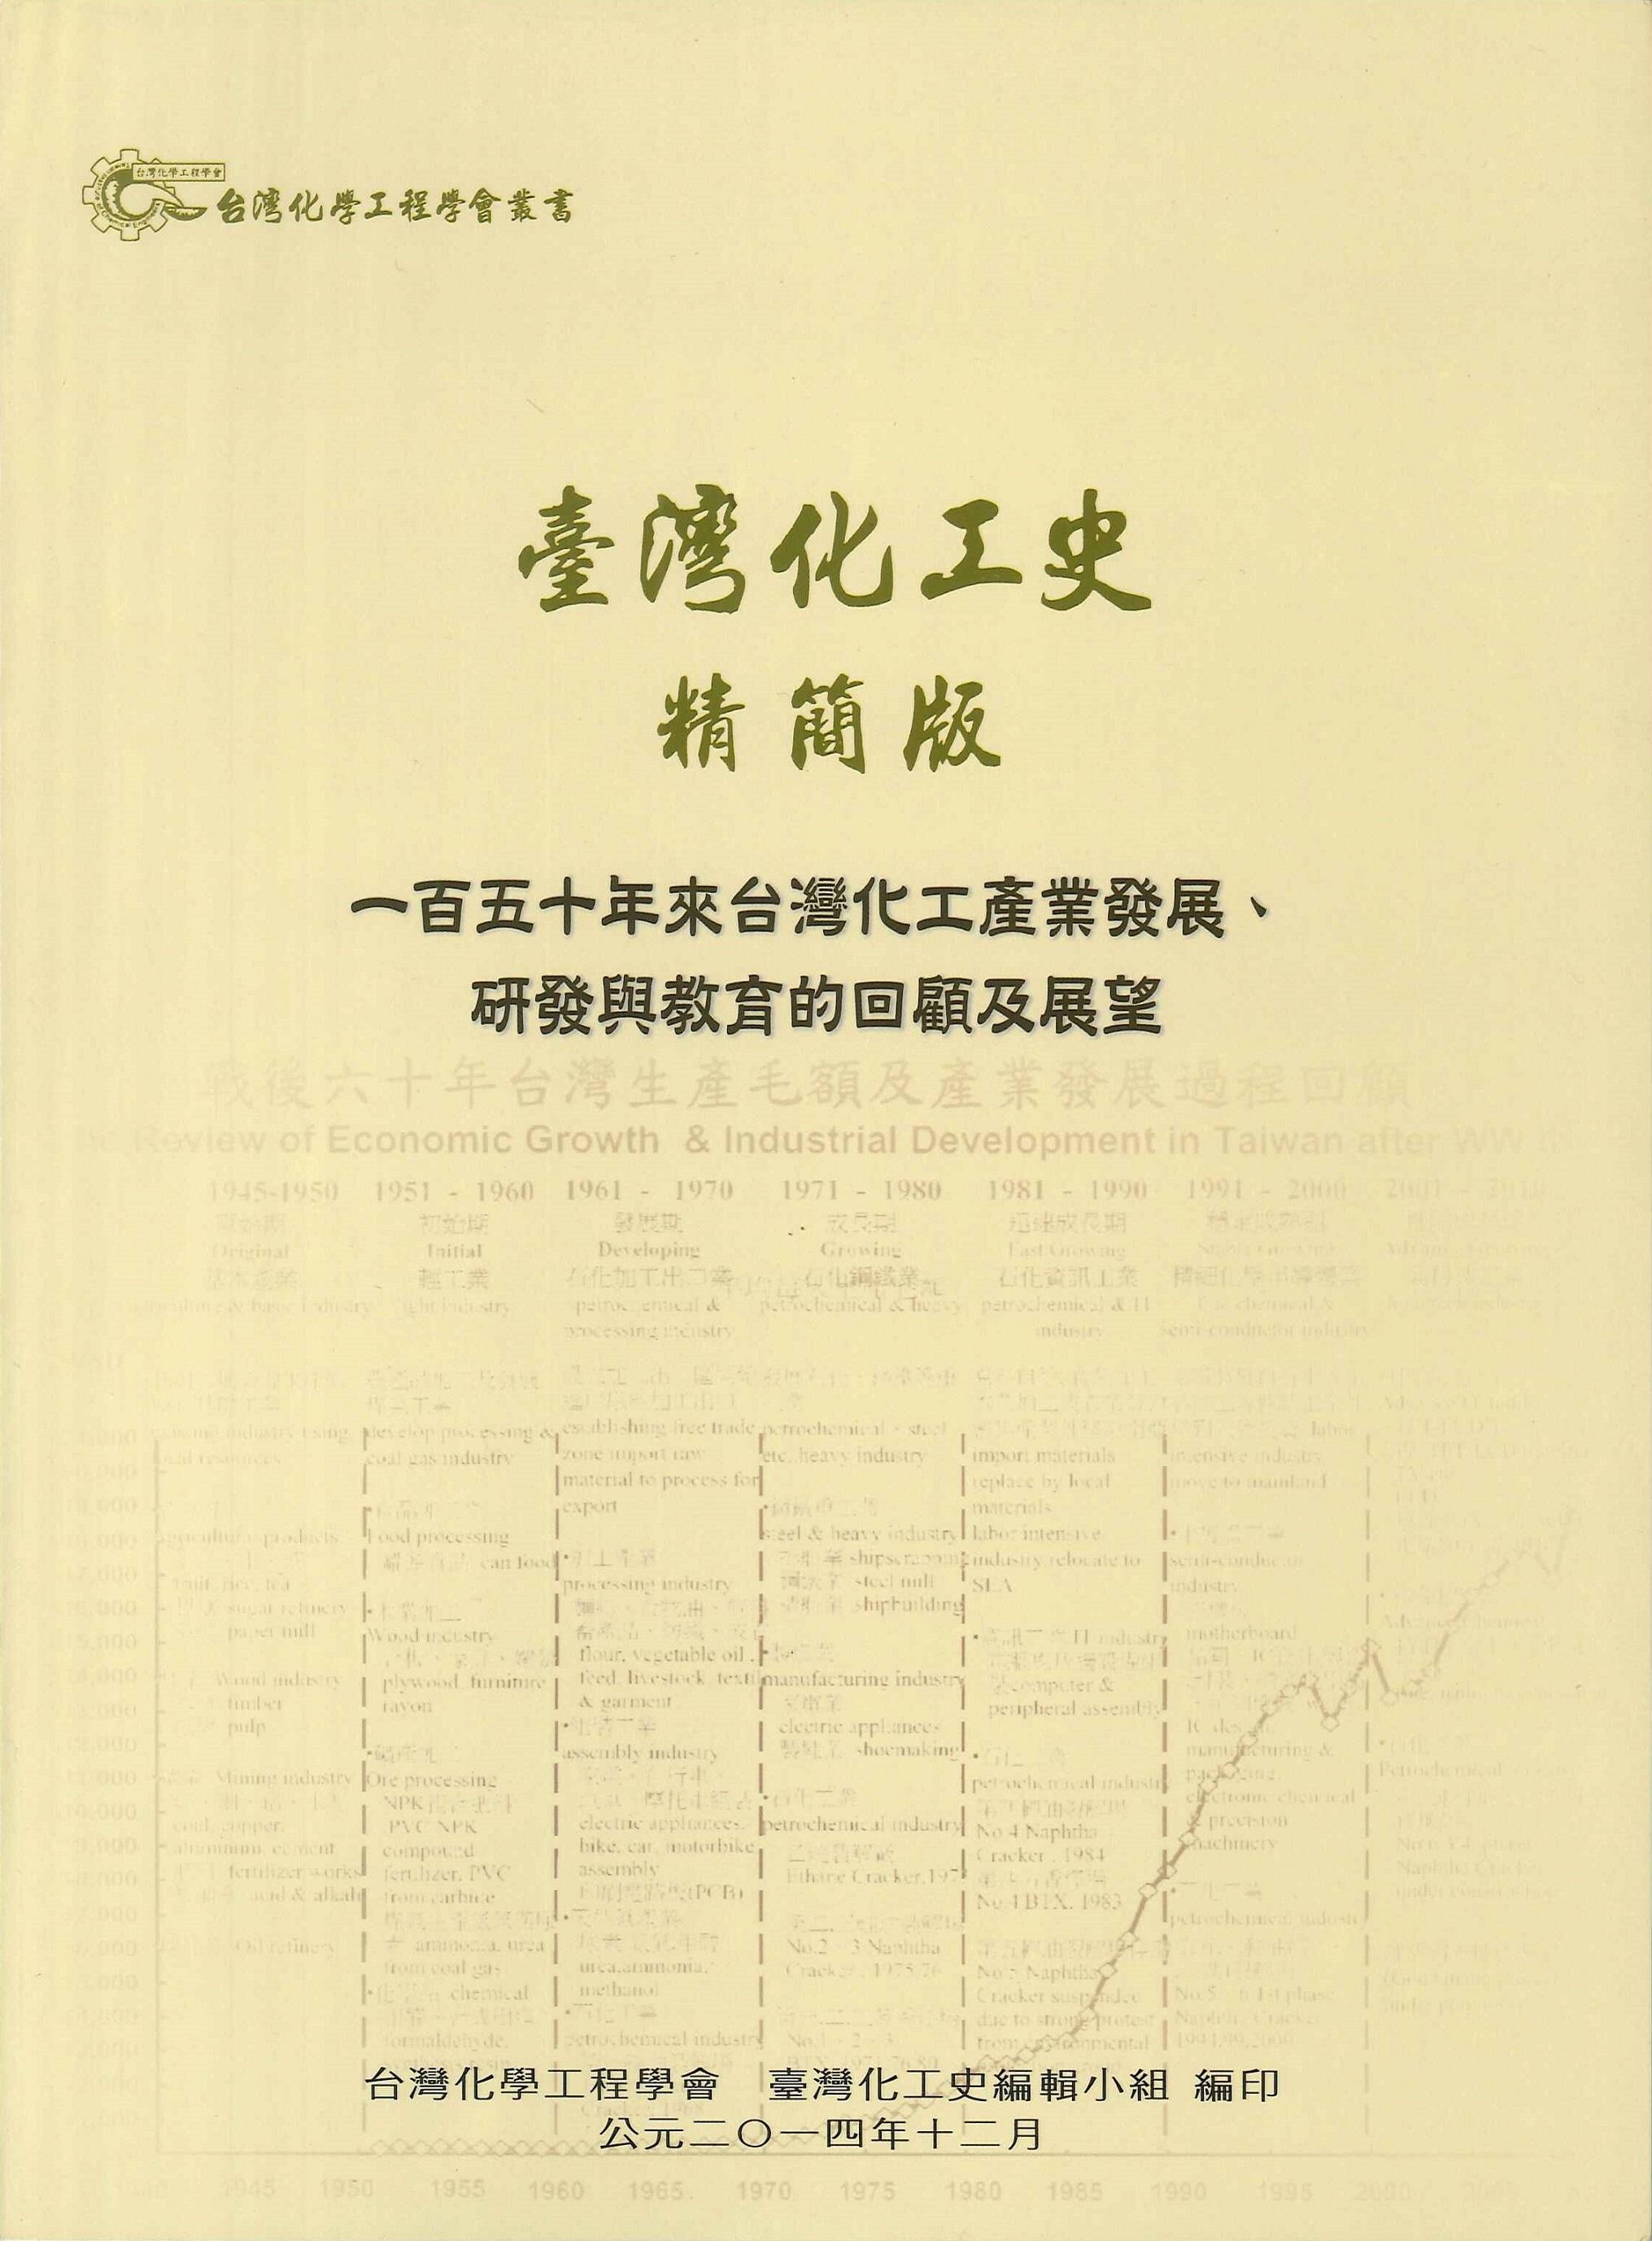 臺灣化工史:一百五十年來臺灣化工產業發展、研發與教育的回顧及展望